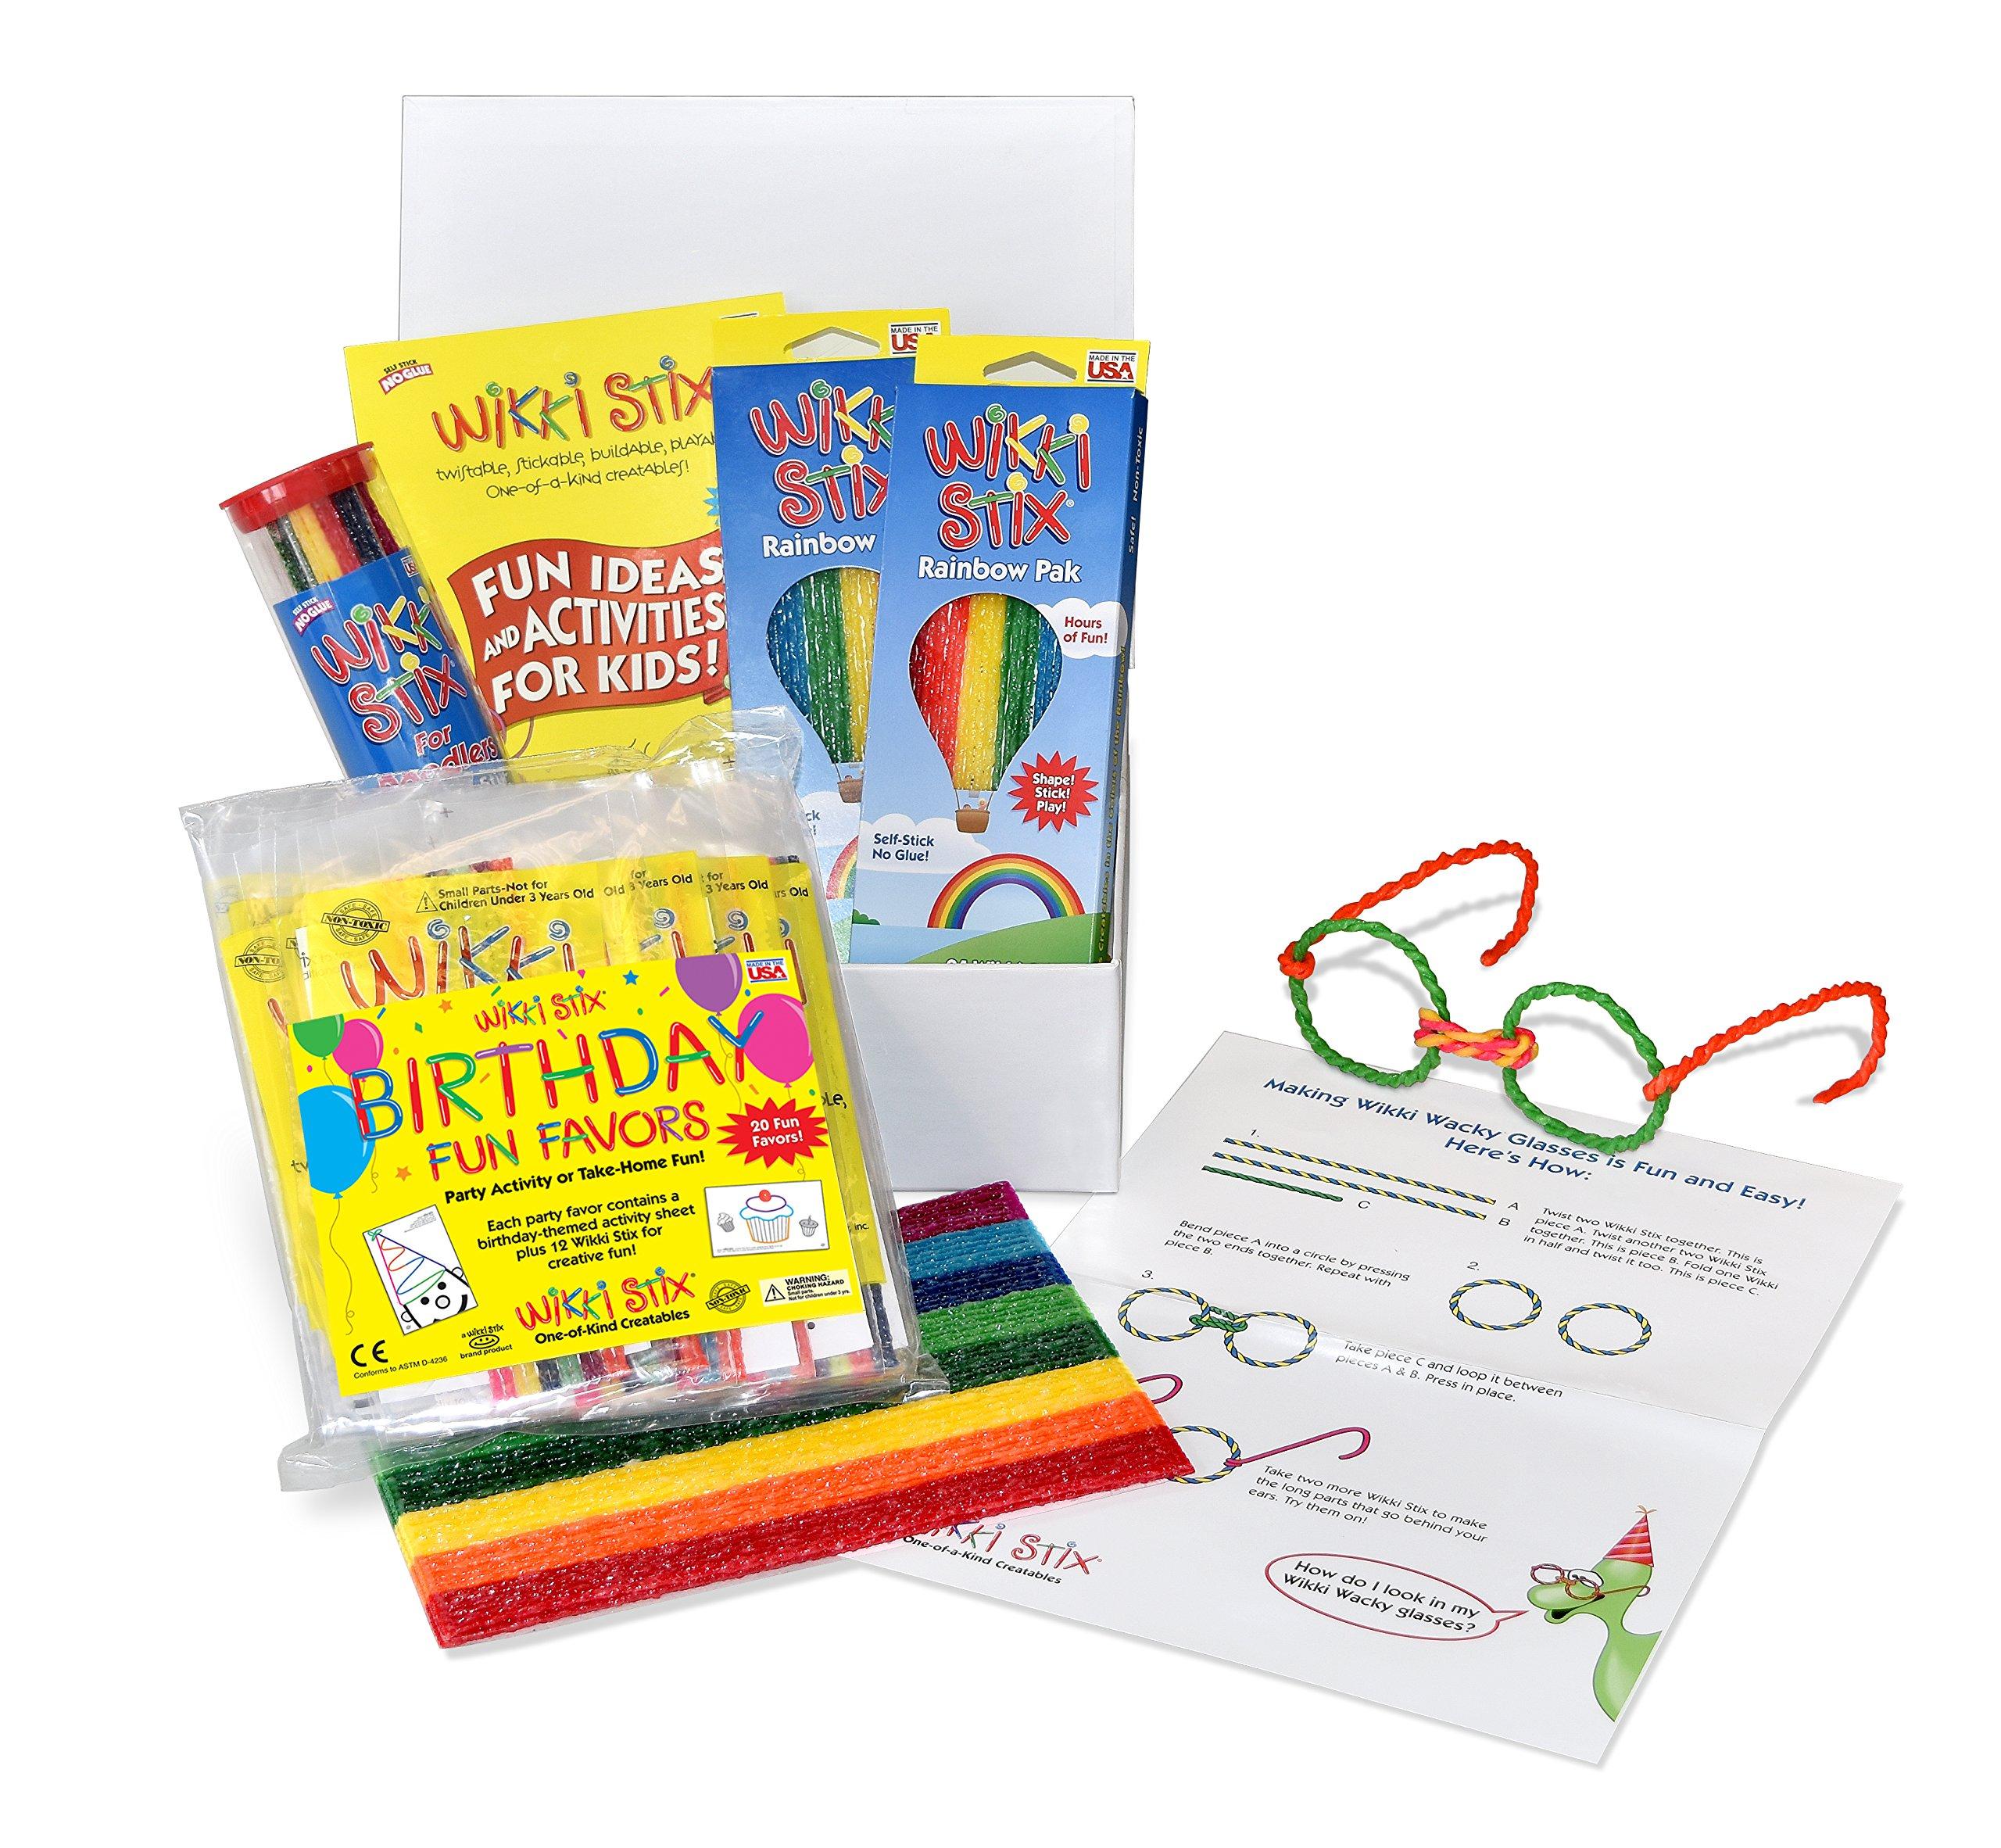 WikkiStix Birthday Box